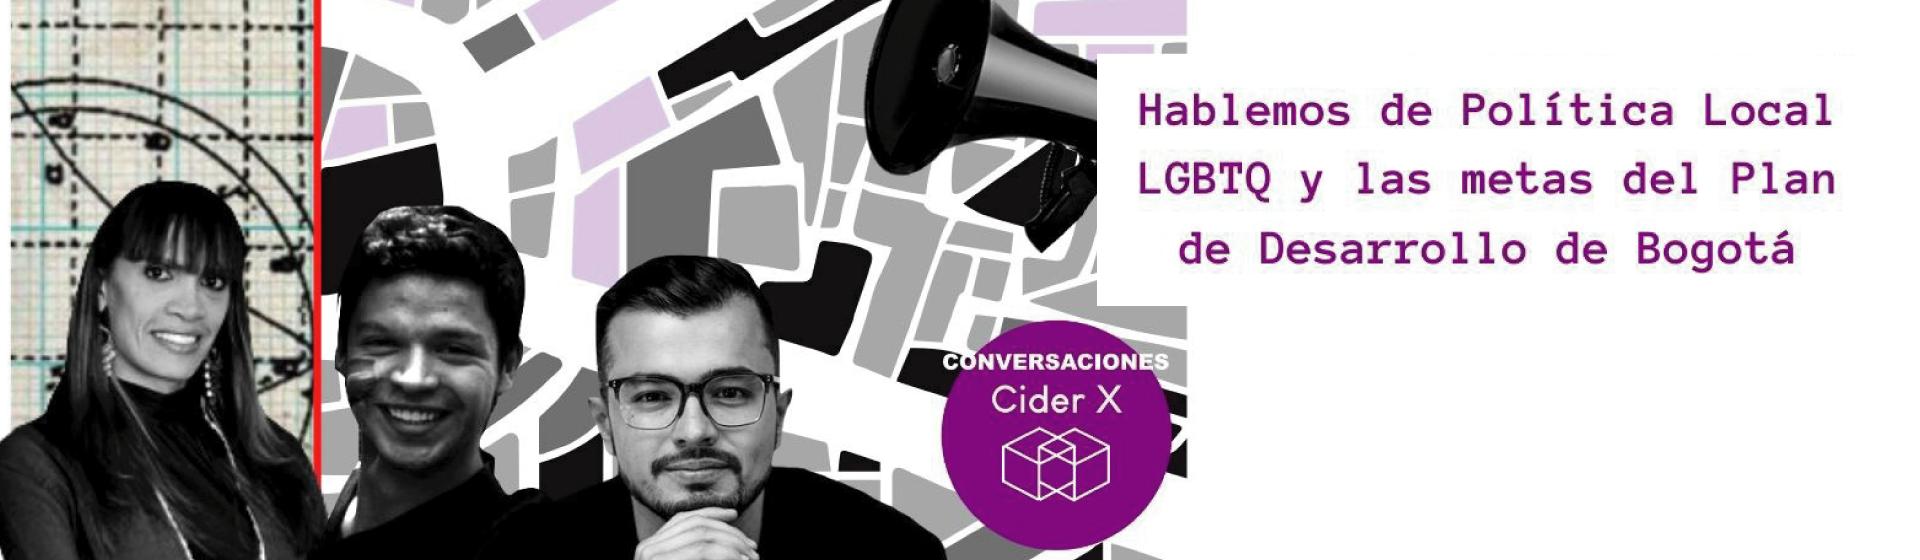 Política Local LGBTQ y metas Plan de Desarrollo de Bogotá - Cider | Uniandes